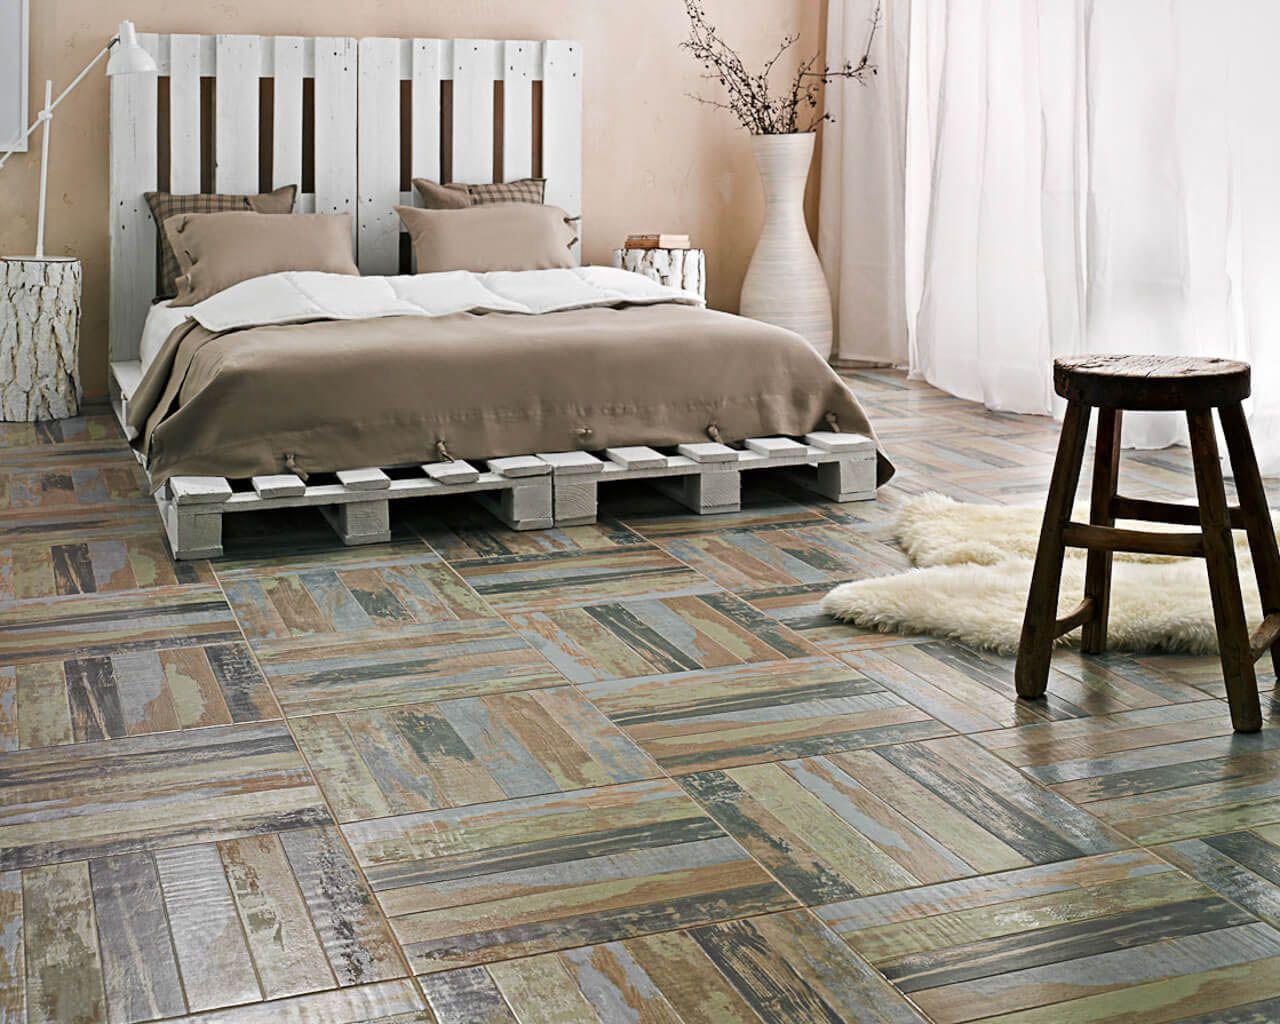 Fußboden Schlafzimmer ~ Schlafzimmer mit einem fußboden wie ein parkett und einem bett aus